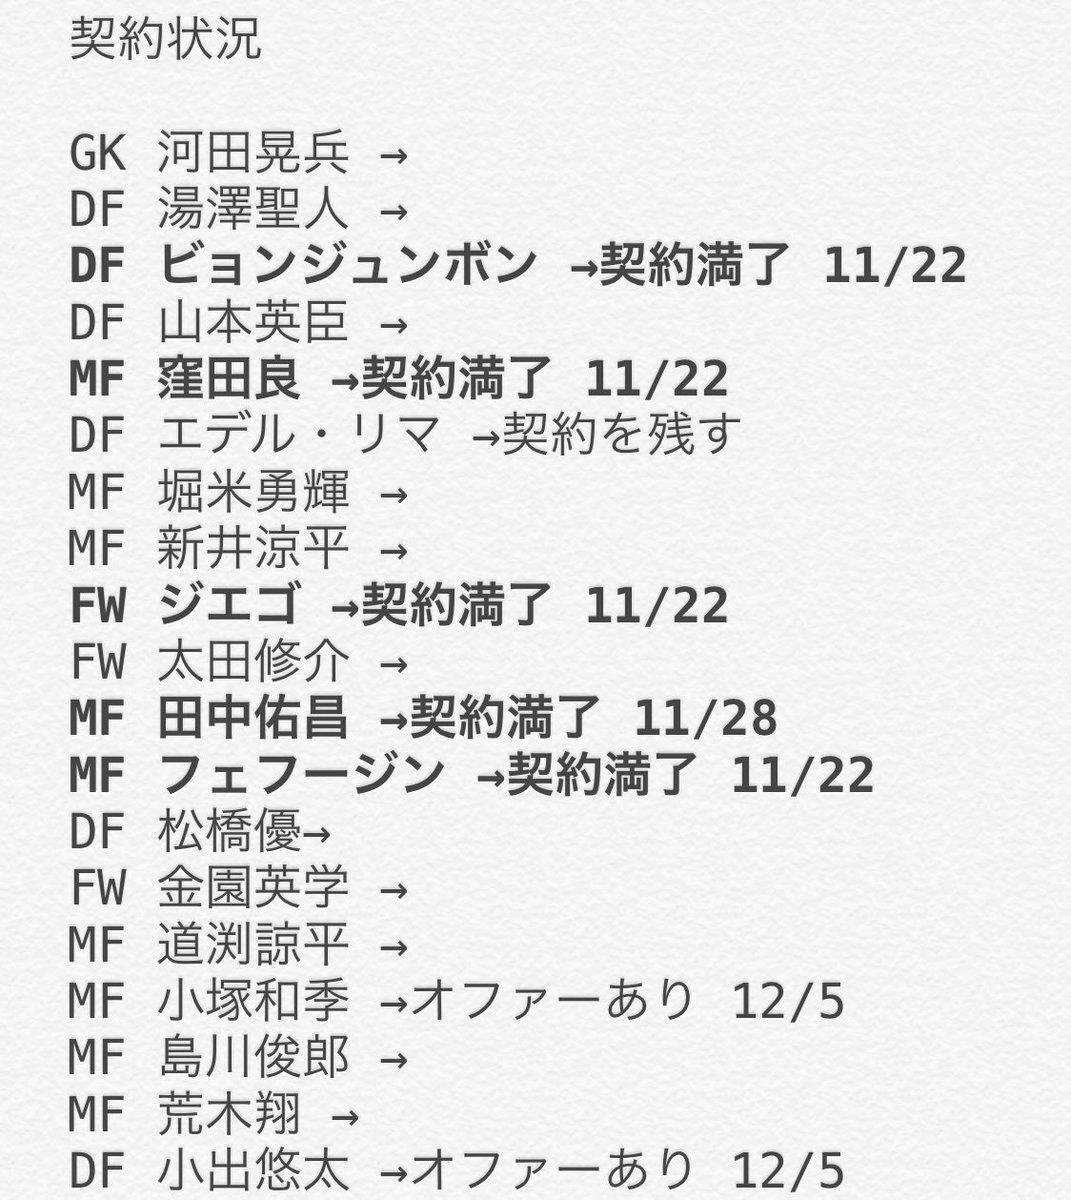 #Vfk Latest News Trends Updates Images - fcb_vfk_07